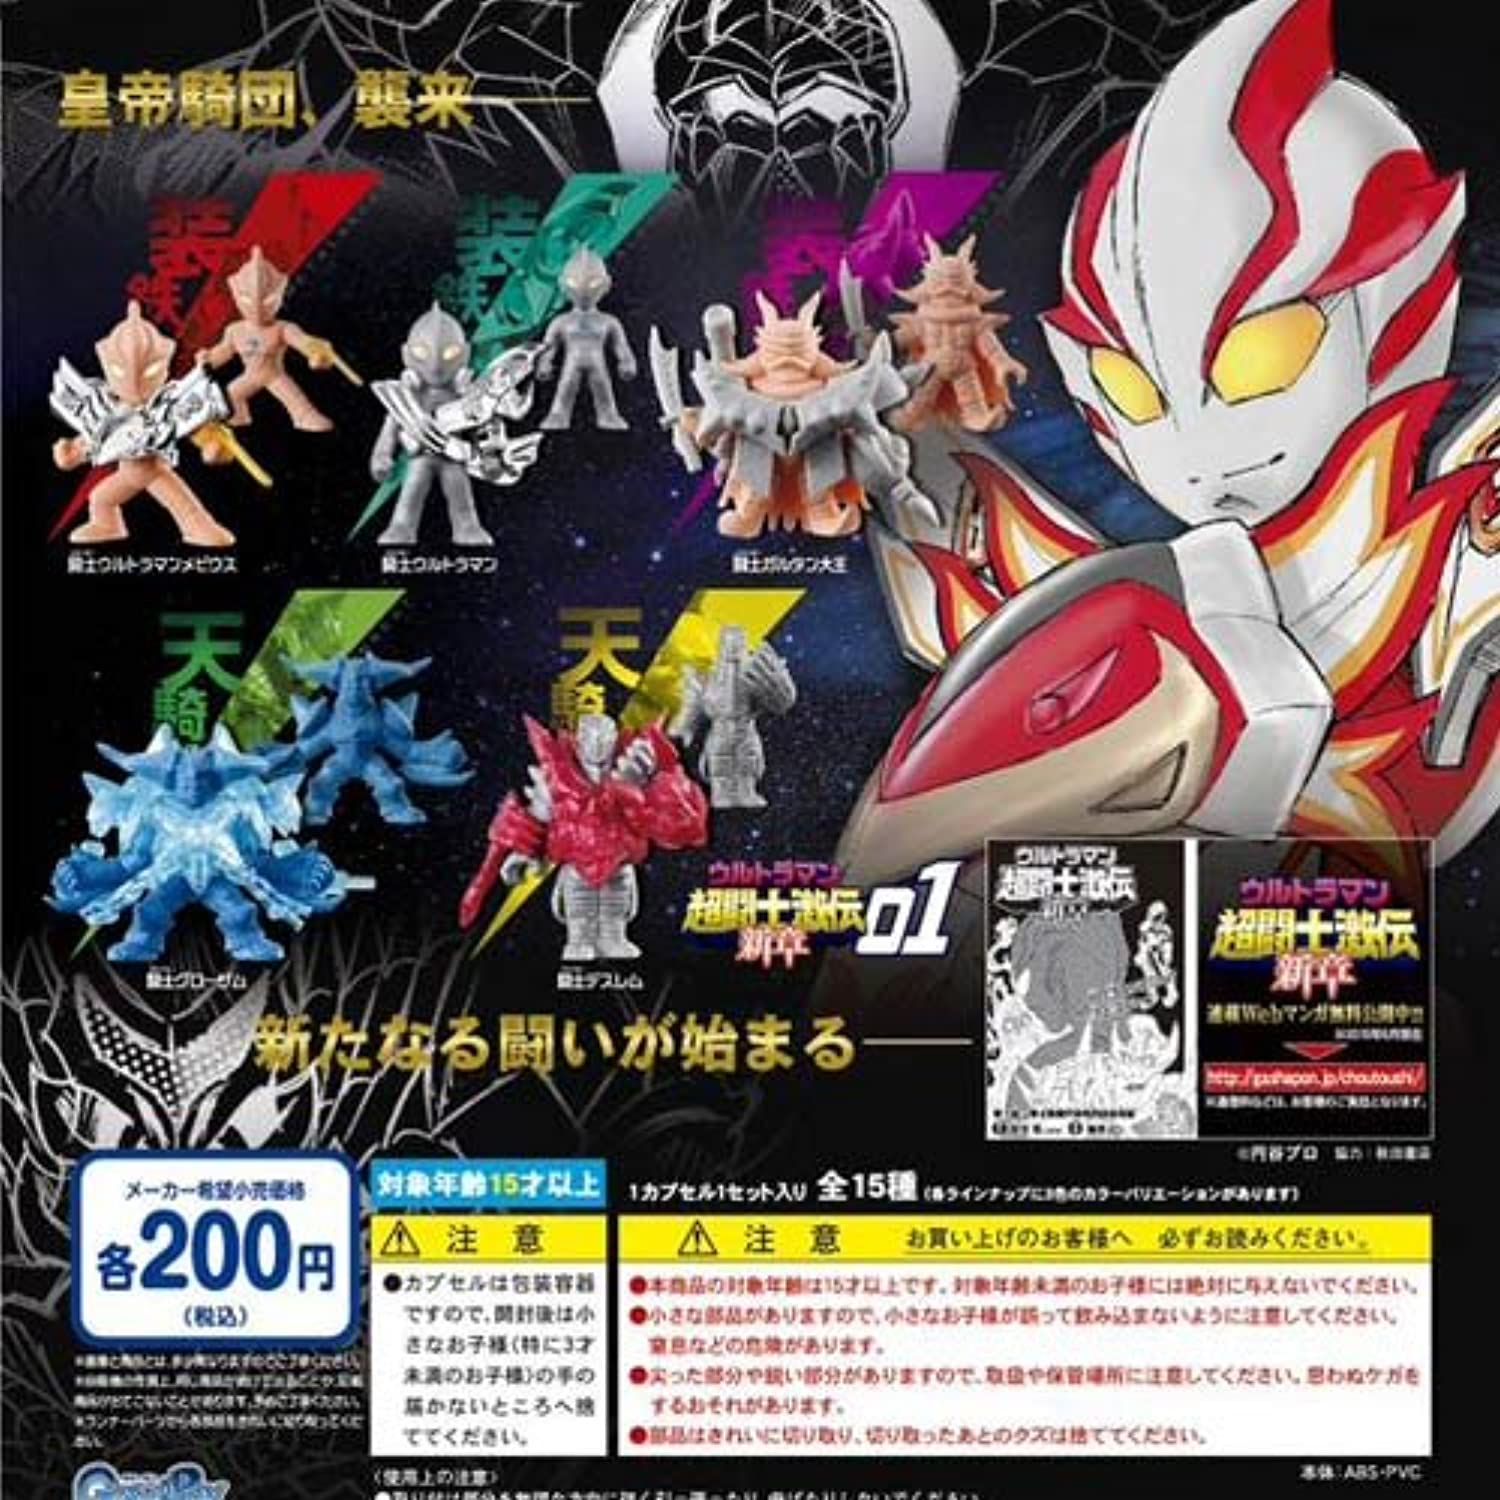 ガシャポン ウルトラマン超闘士激伝 新章01 全15種セット 全高約3.5cm フィギュア